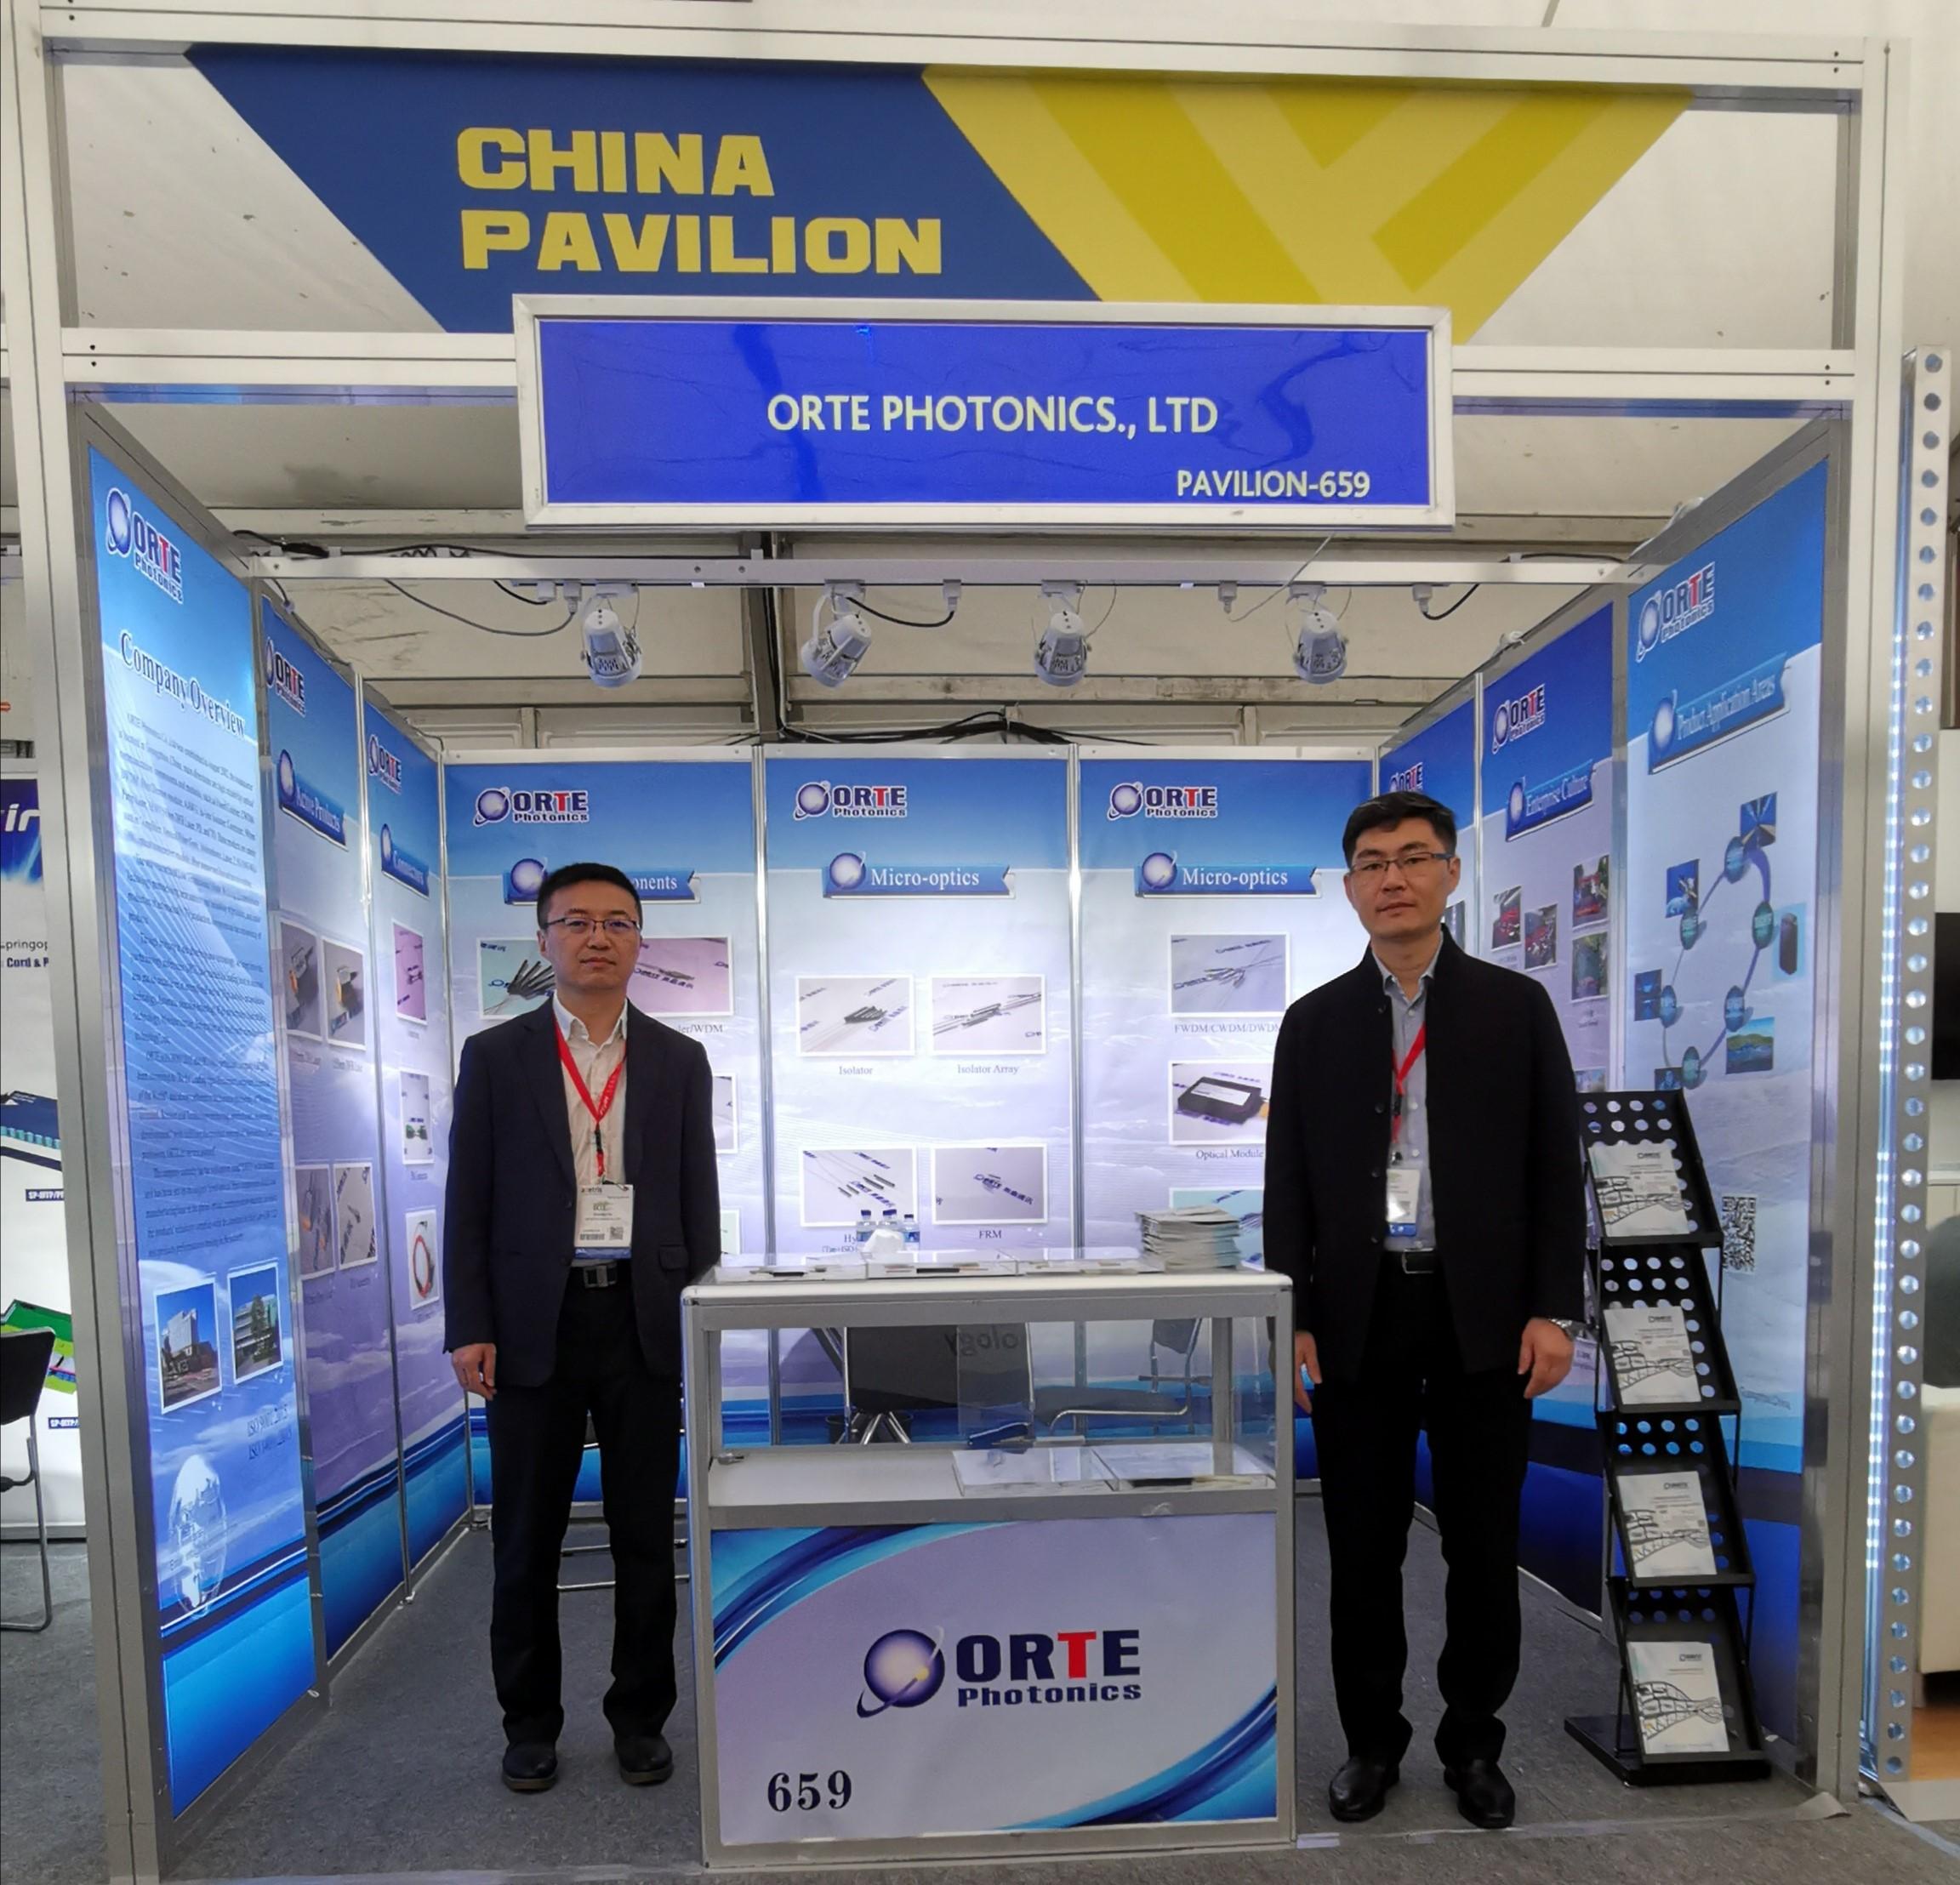 广州奥鑫携高可靠性器件出席ECOC 展示超小尺寸混合器、MEMS VOA等新品